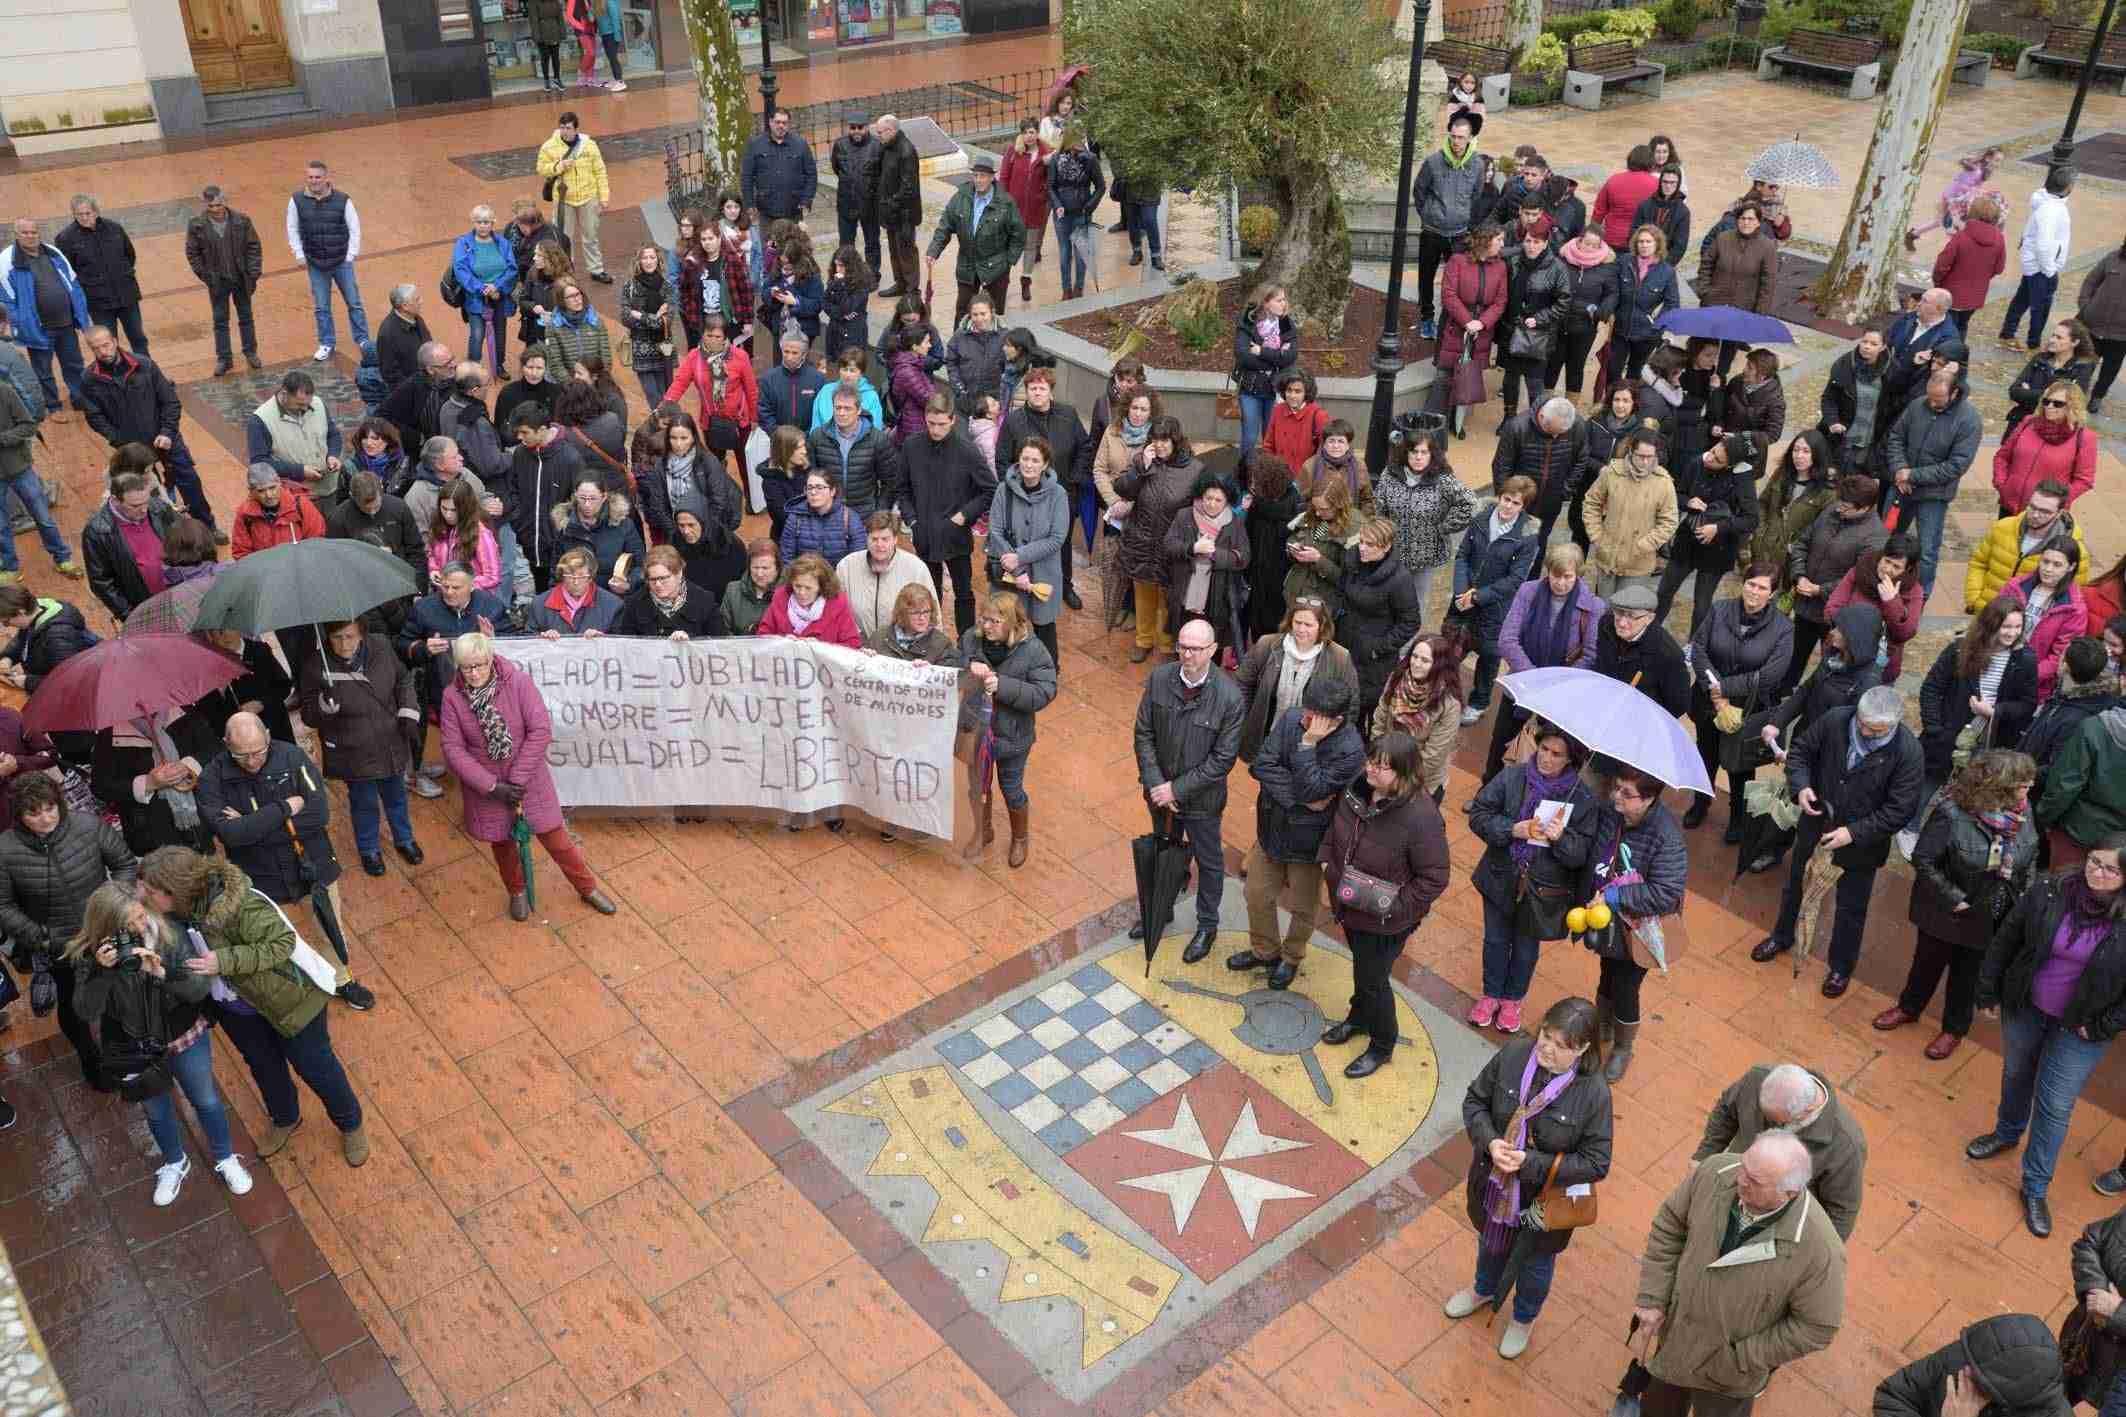 Argamasilla de Alba conmemora el 8M con una concentración por la igualdad 9